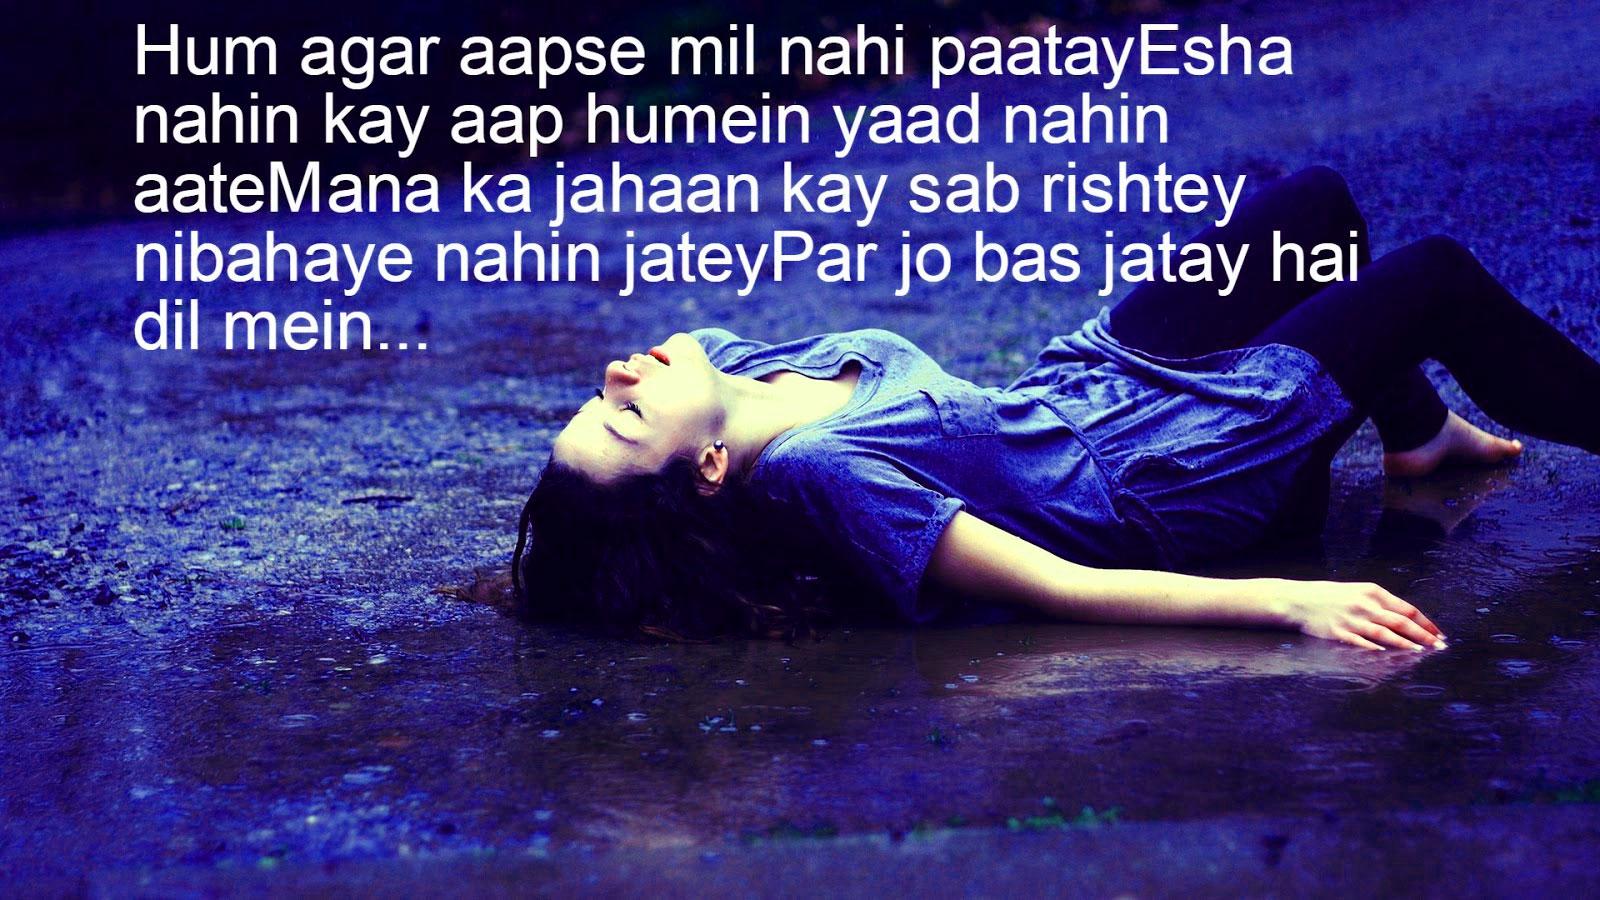 Best Hindi Love Shayari Quotes Whatsapp Status88